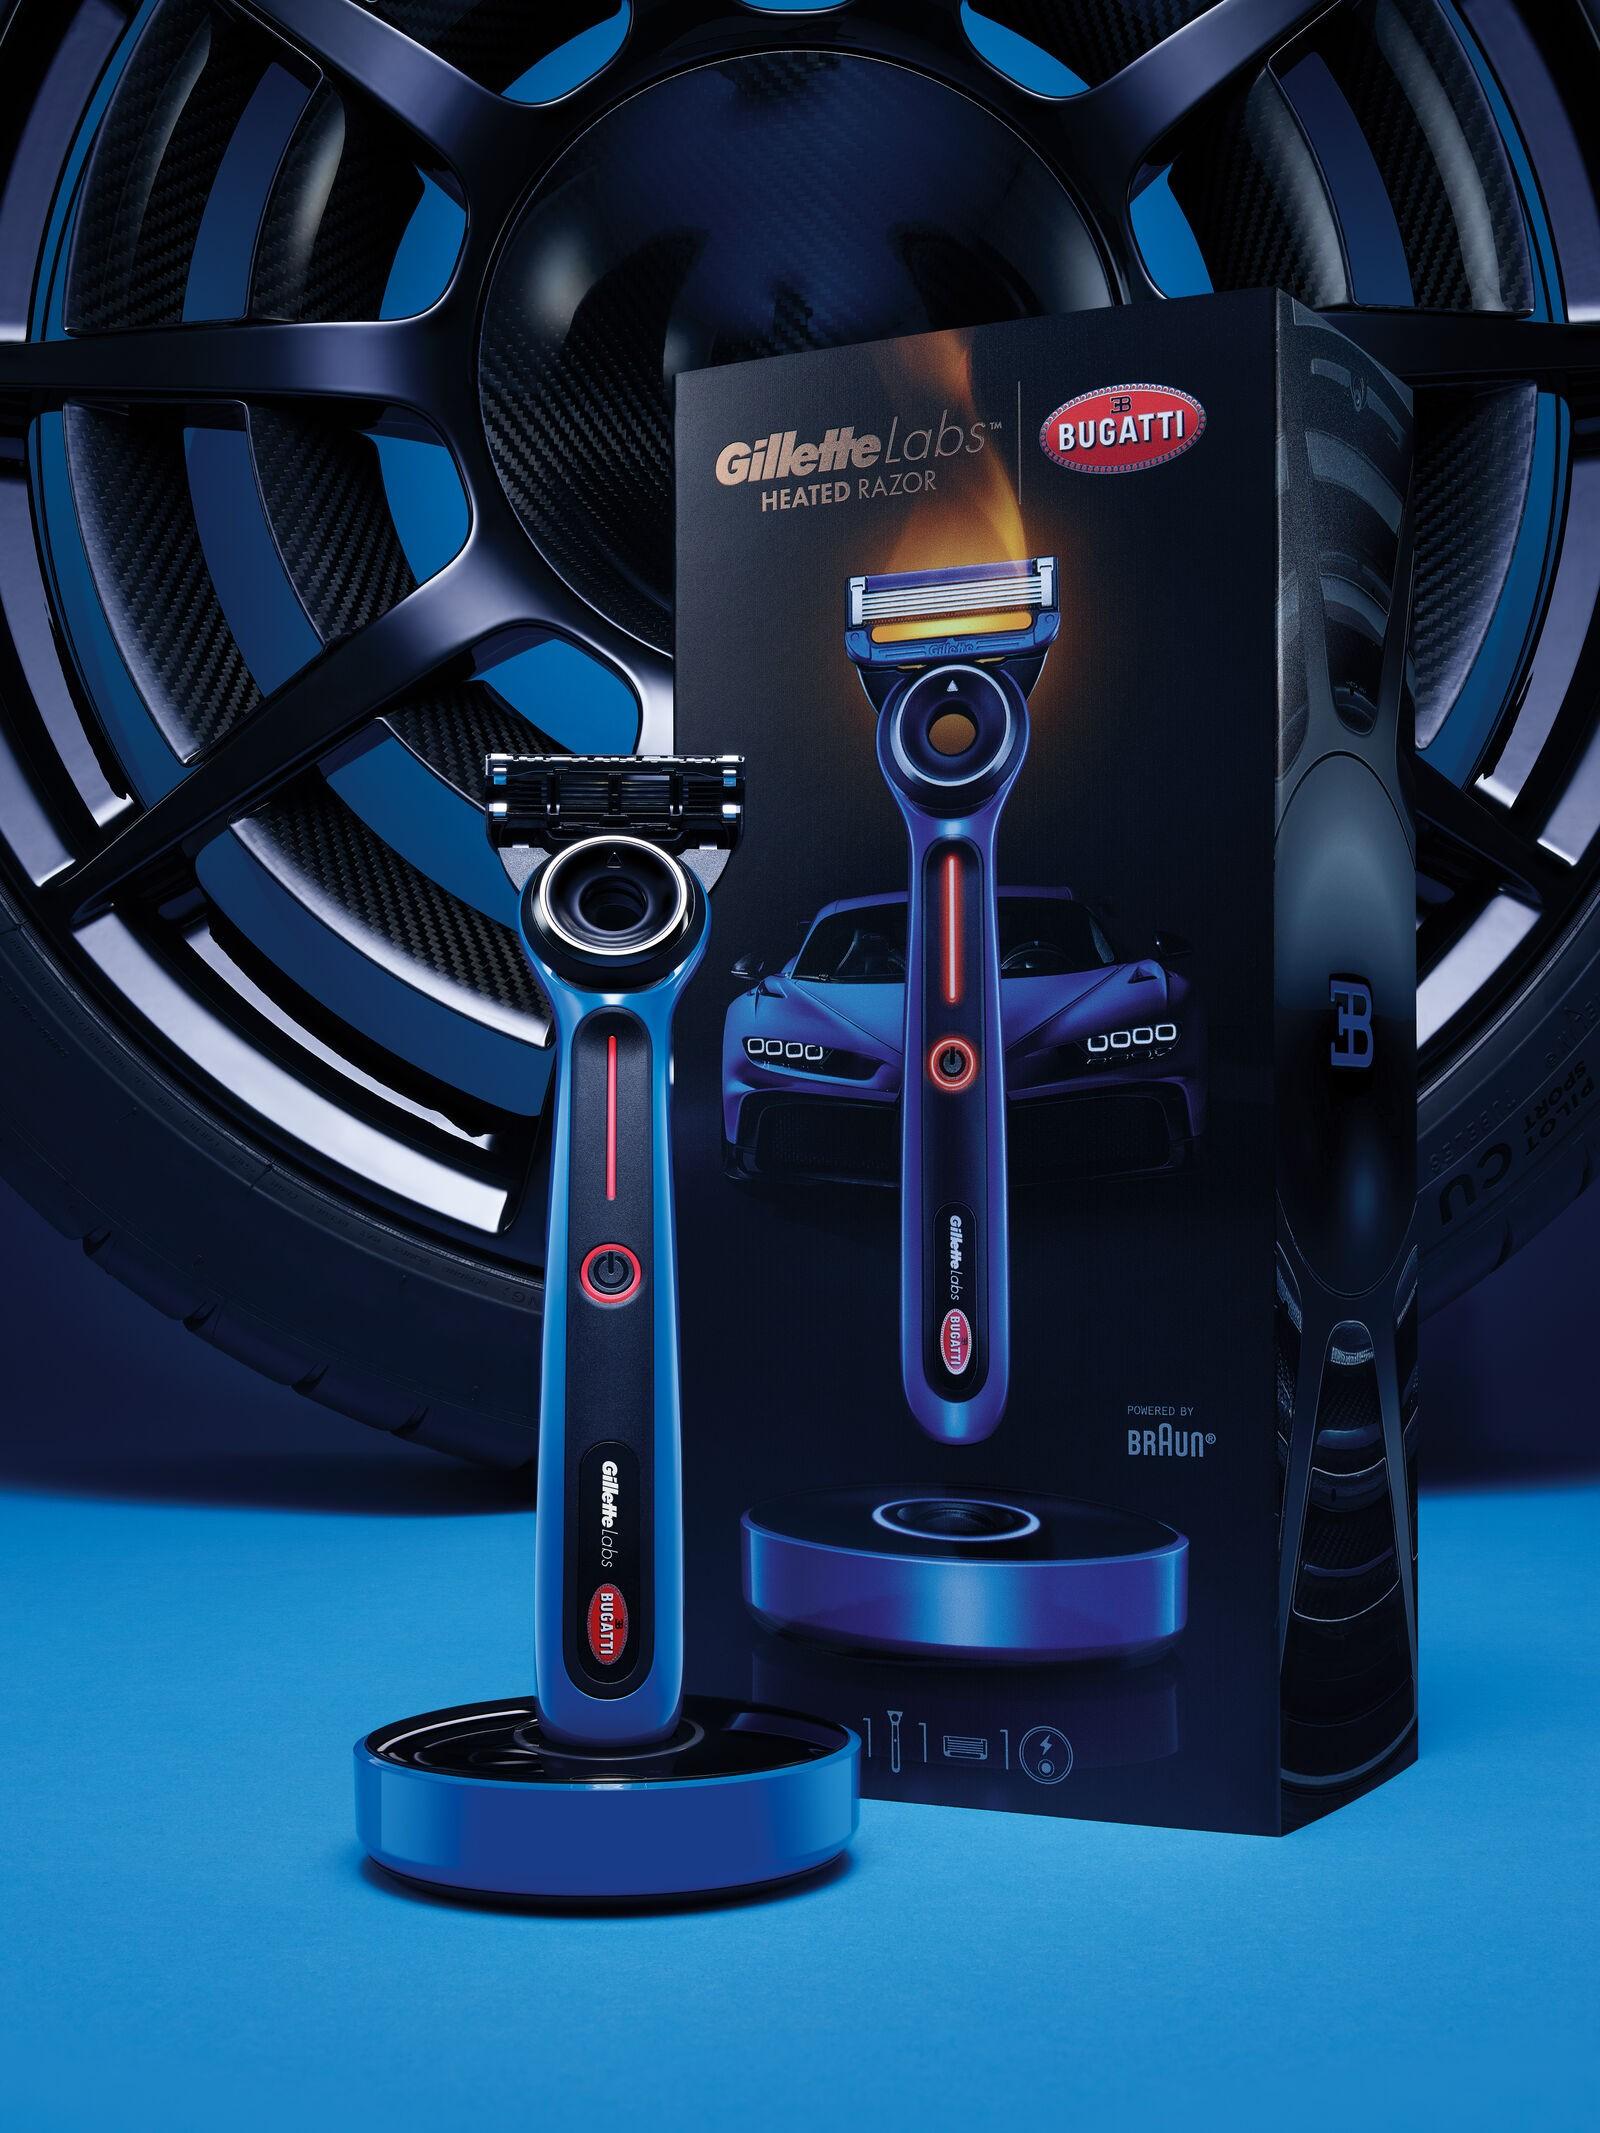 Bugatti-Gillette-Heated-Razor-8